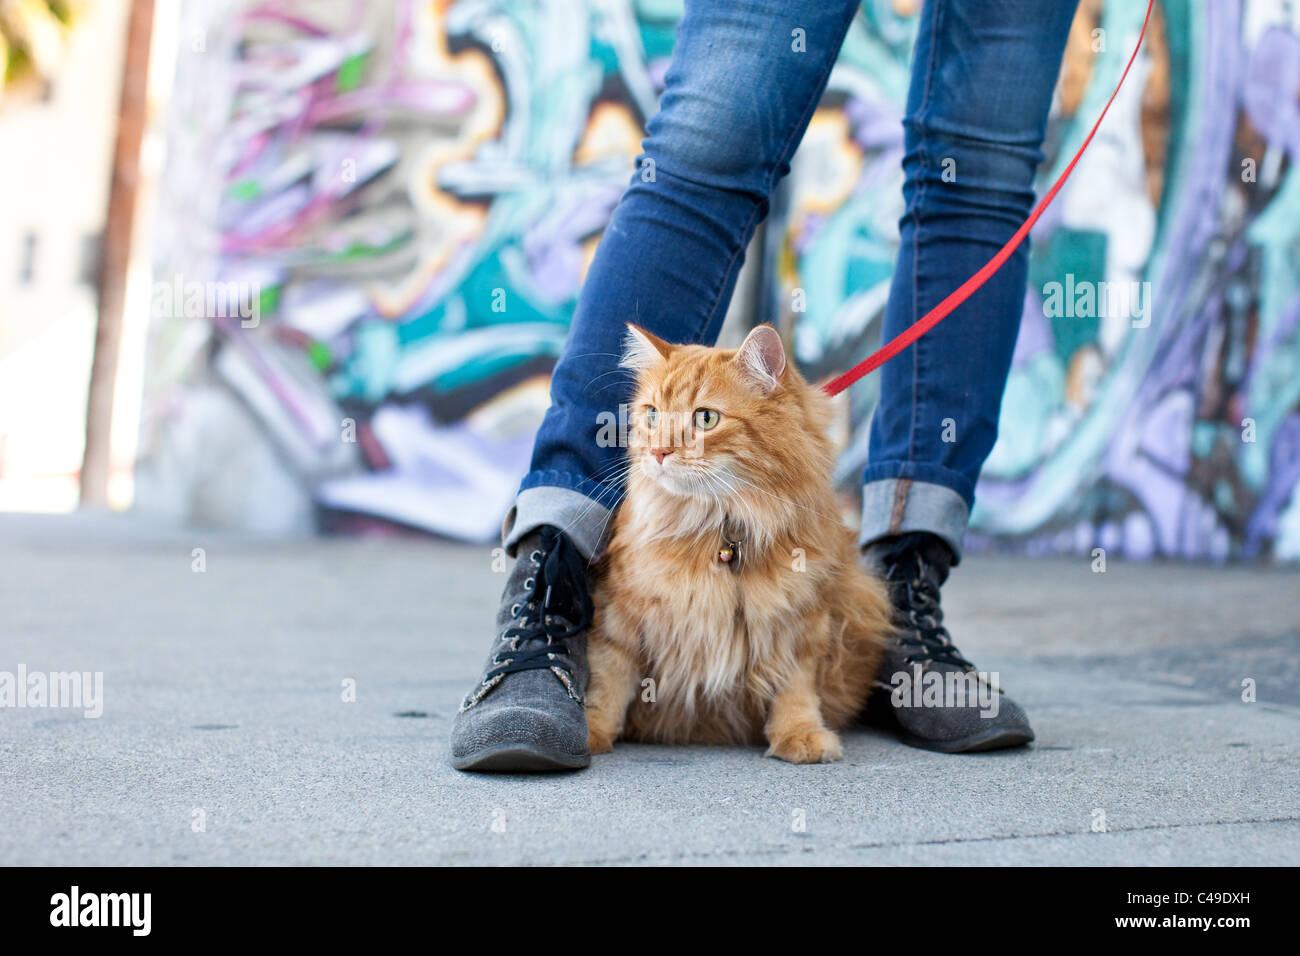 Uma pequena longhaired laranja gato por um chicote e trela sentado entre seu proprietário pés em um bairro Imagens de Stock